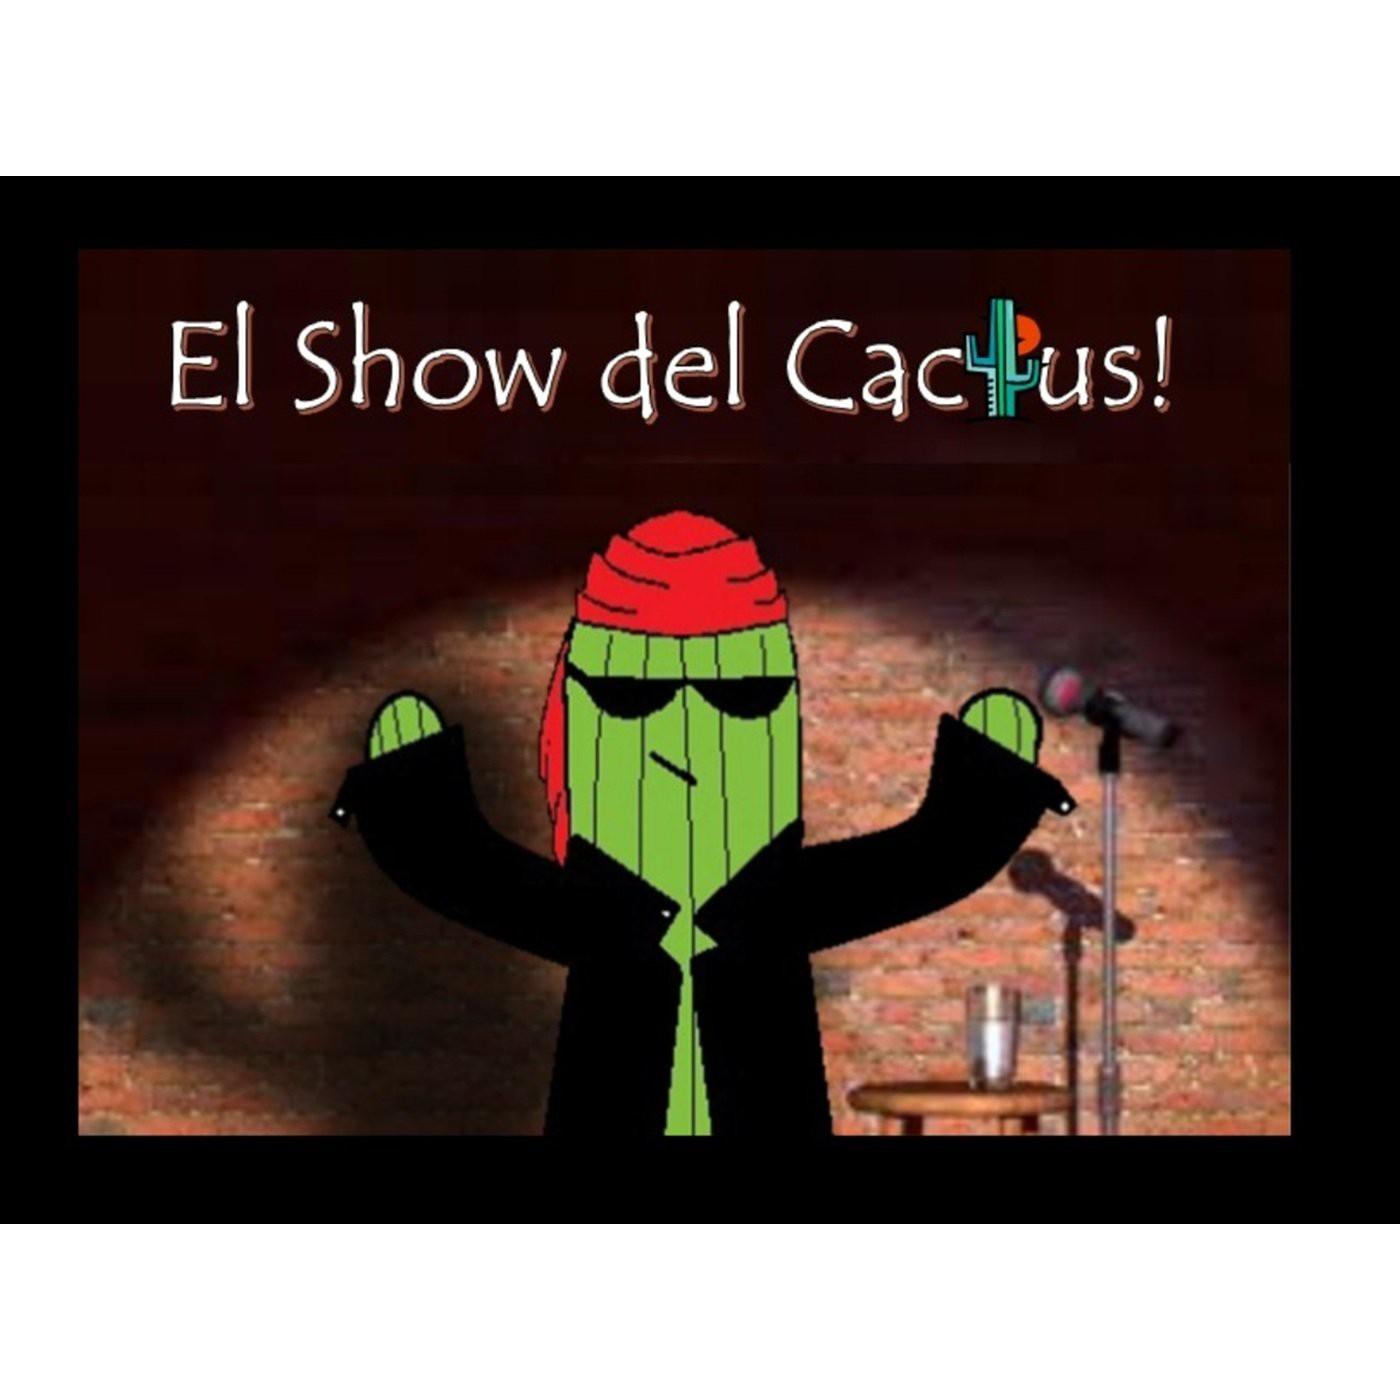 Show del Cactus!: Especial de Navidad y Fin de Año